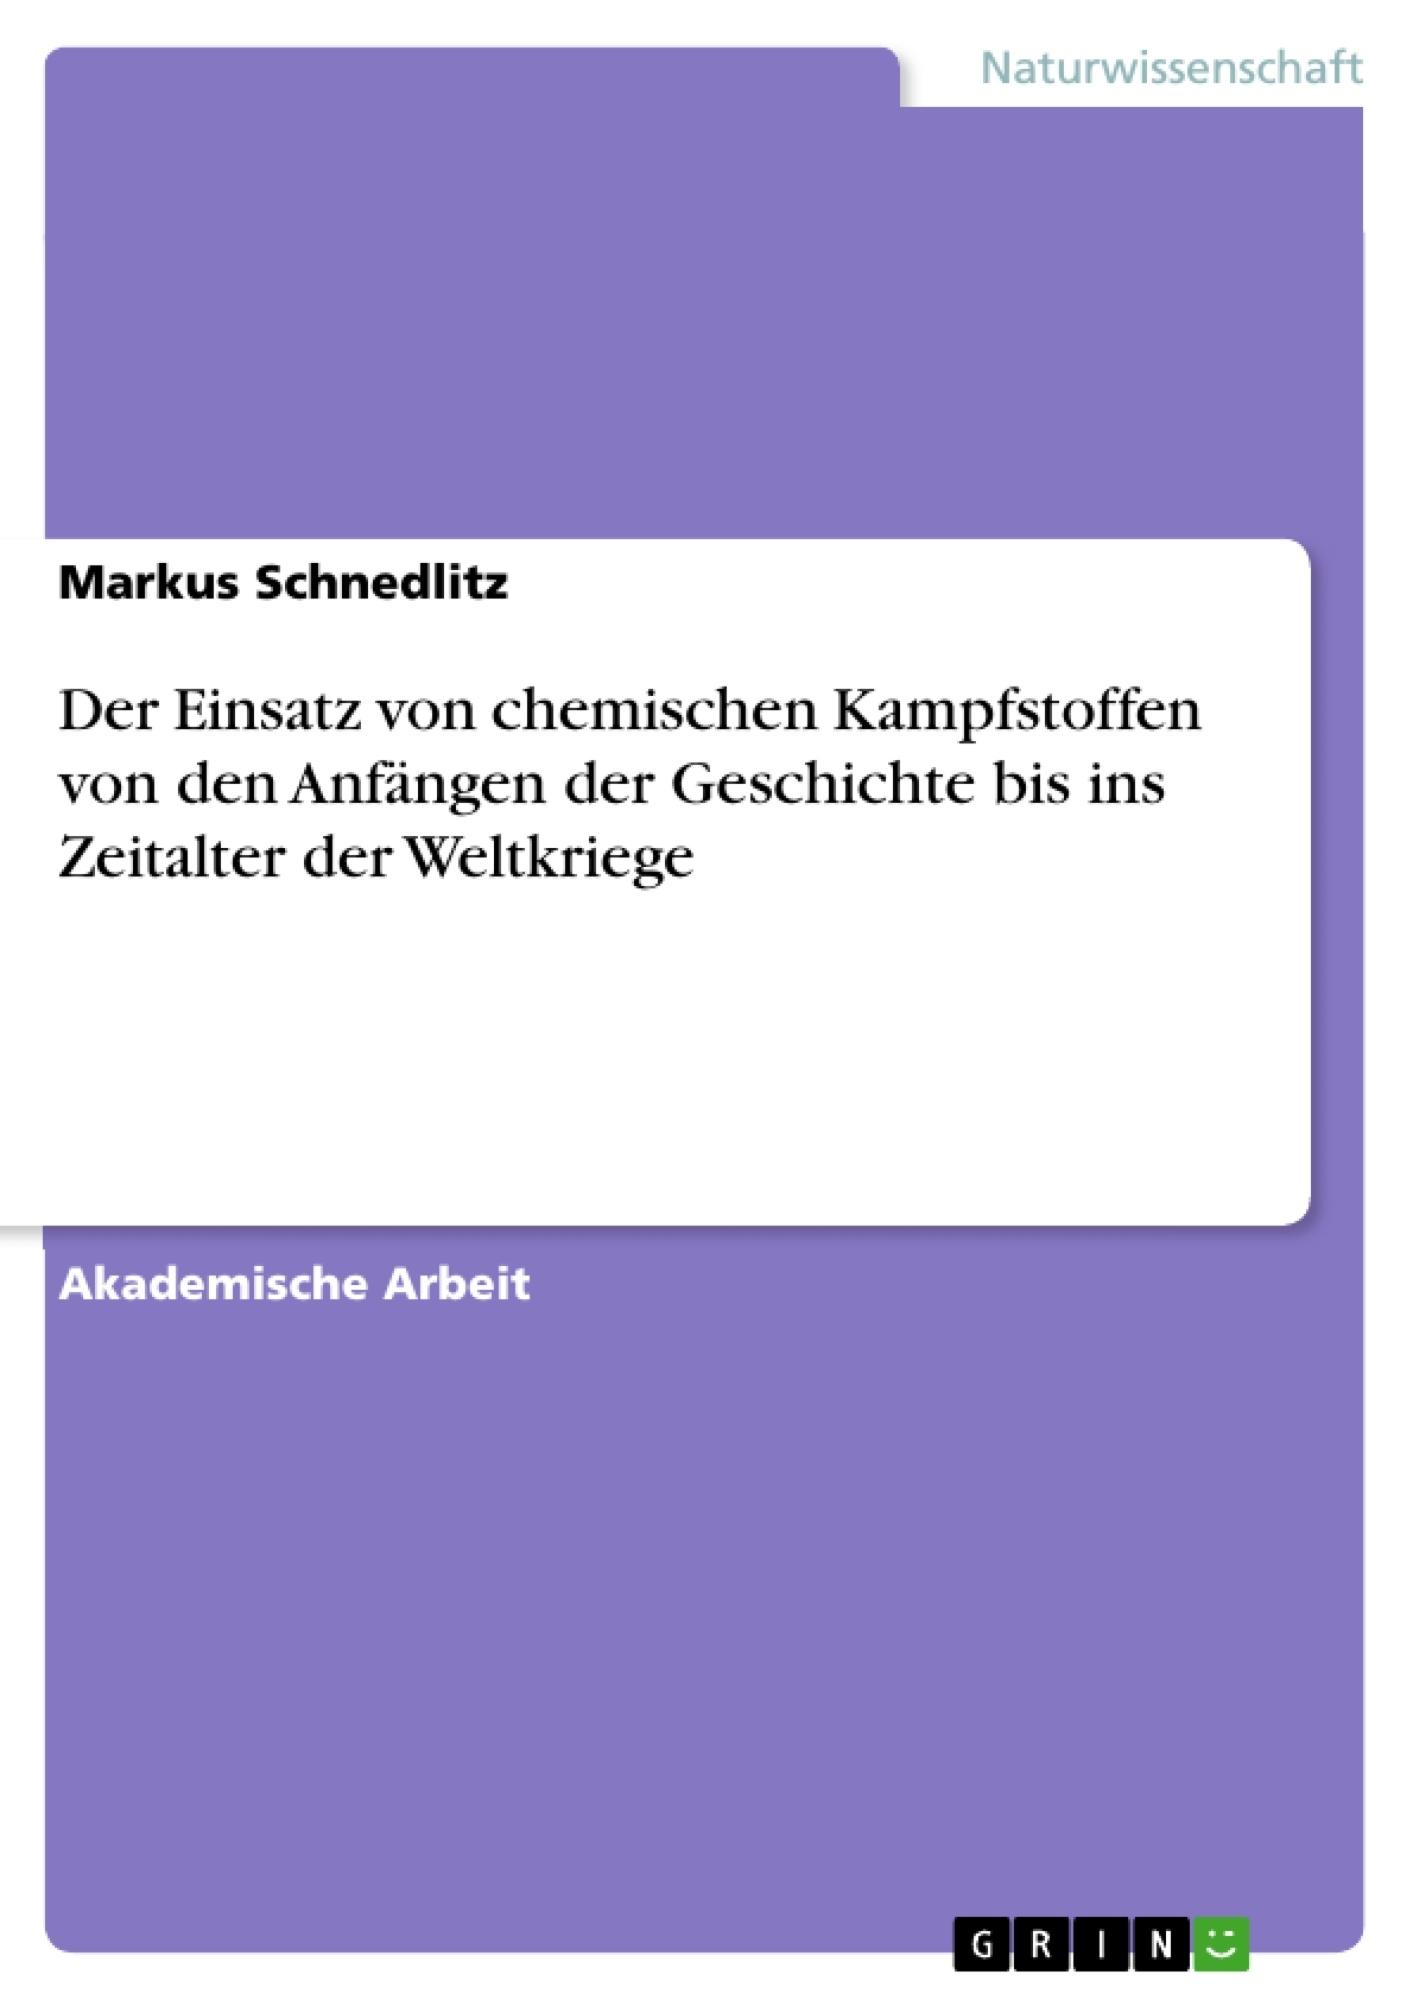 Titel: Der Einsatz von chemischen Kampfstoffen von den Anfängen der Geschichte bis ins Zeitalter der Weltkriege